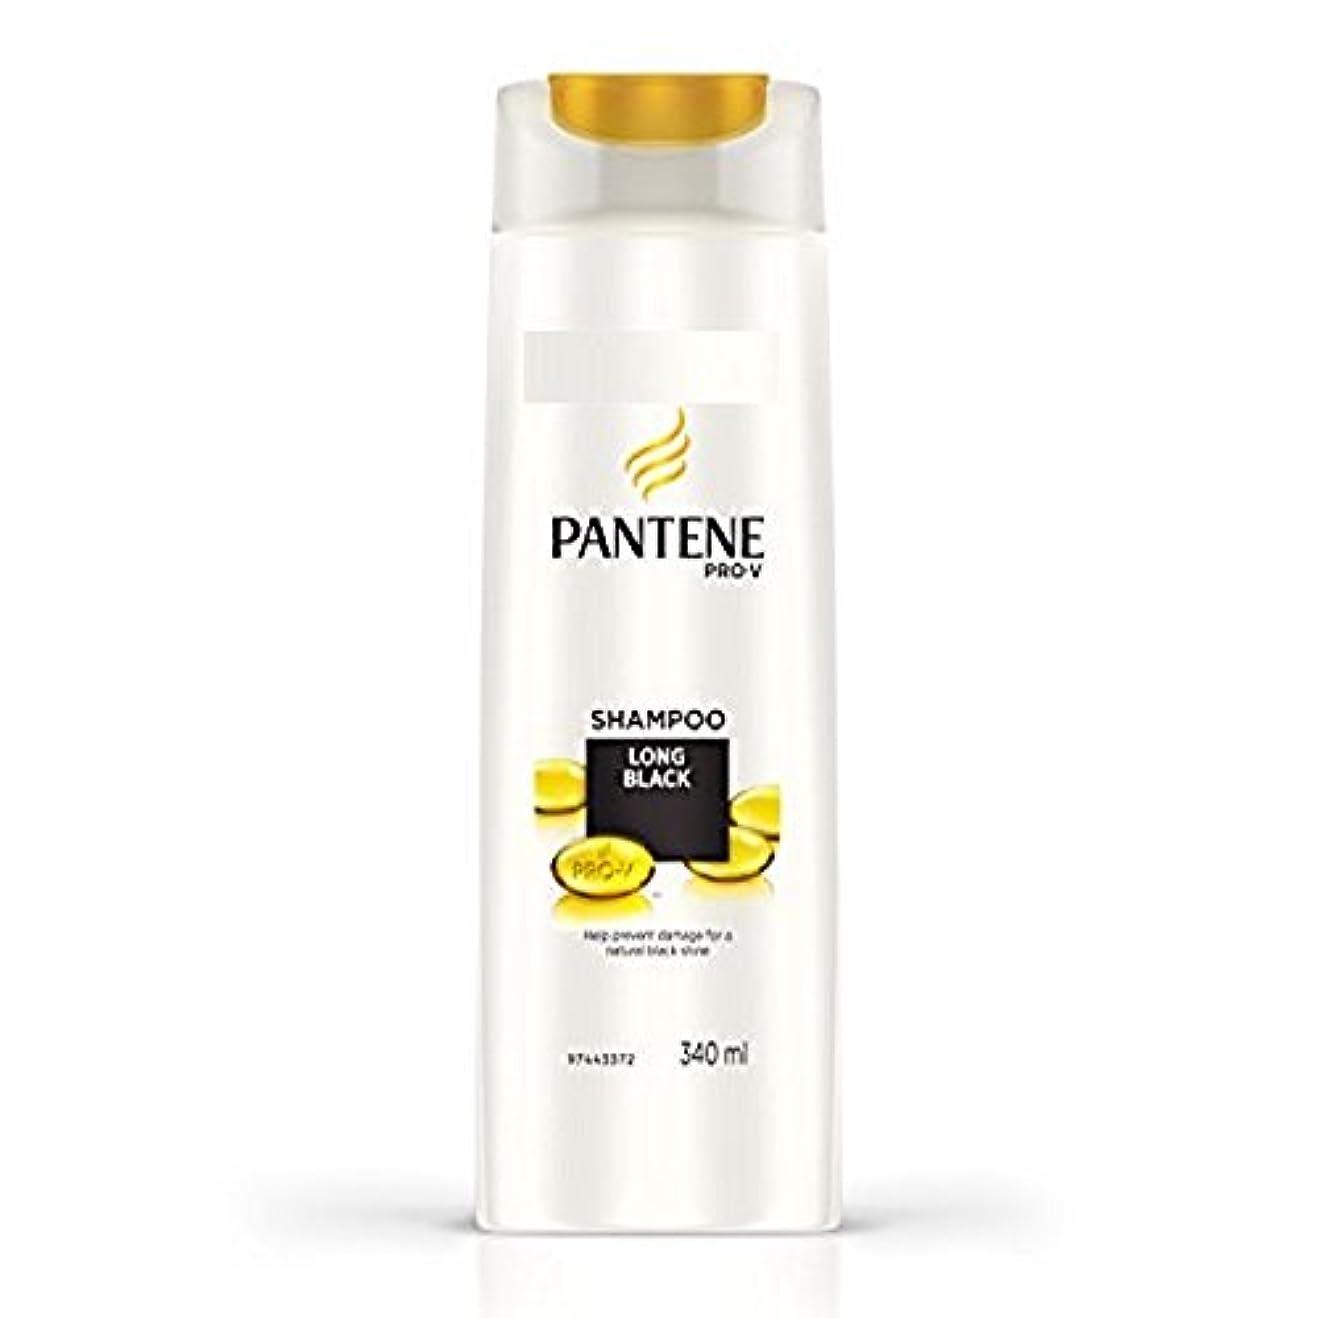 発生エンティティ一掃するPANTENE LONG BLACK SHAMPOO 340 ml (パンテーンロングブラックシャンプー340 ml)